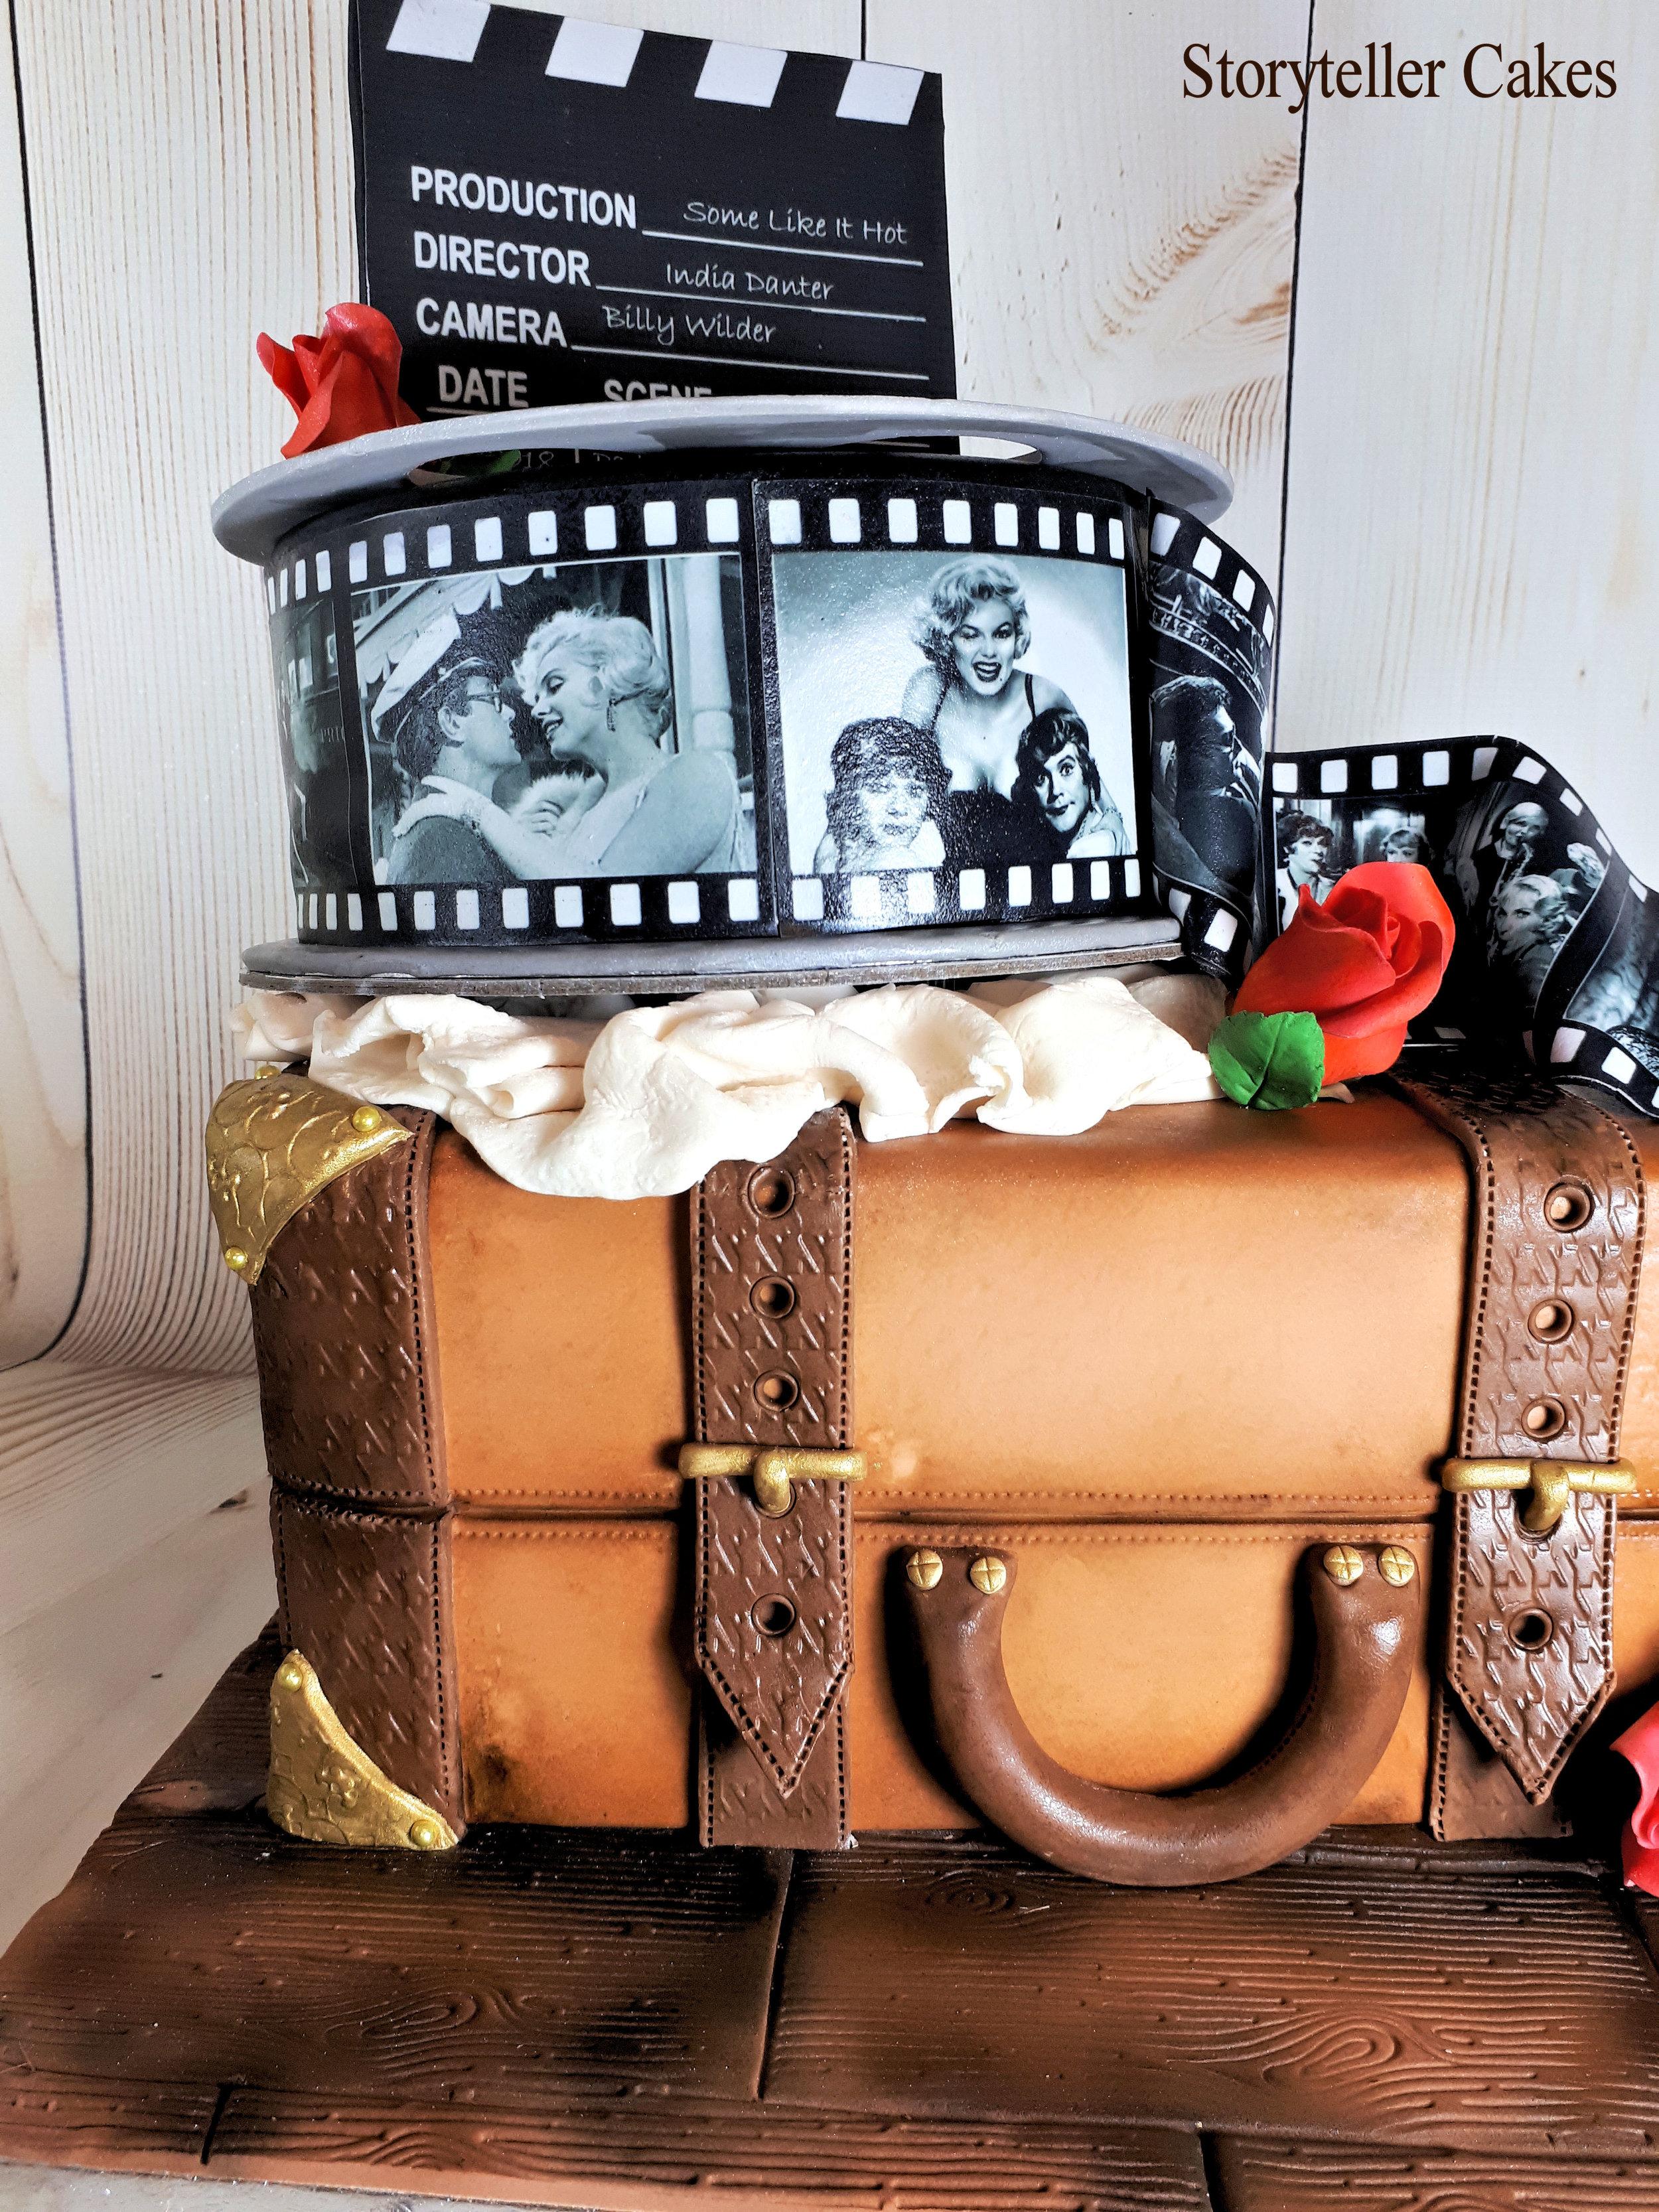 Vintage Suicase & Film Reel Cinema birthday cake 4.jpg